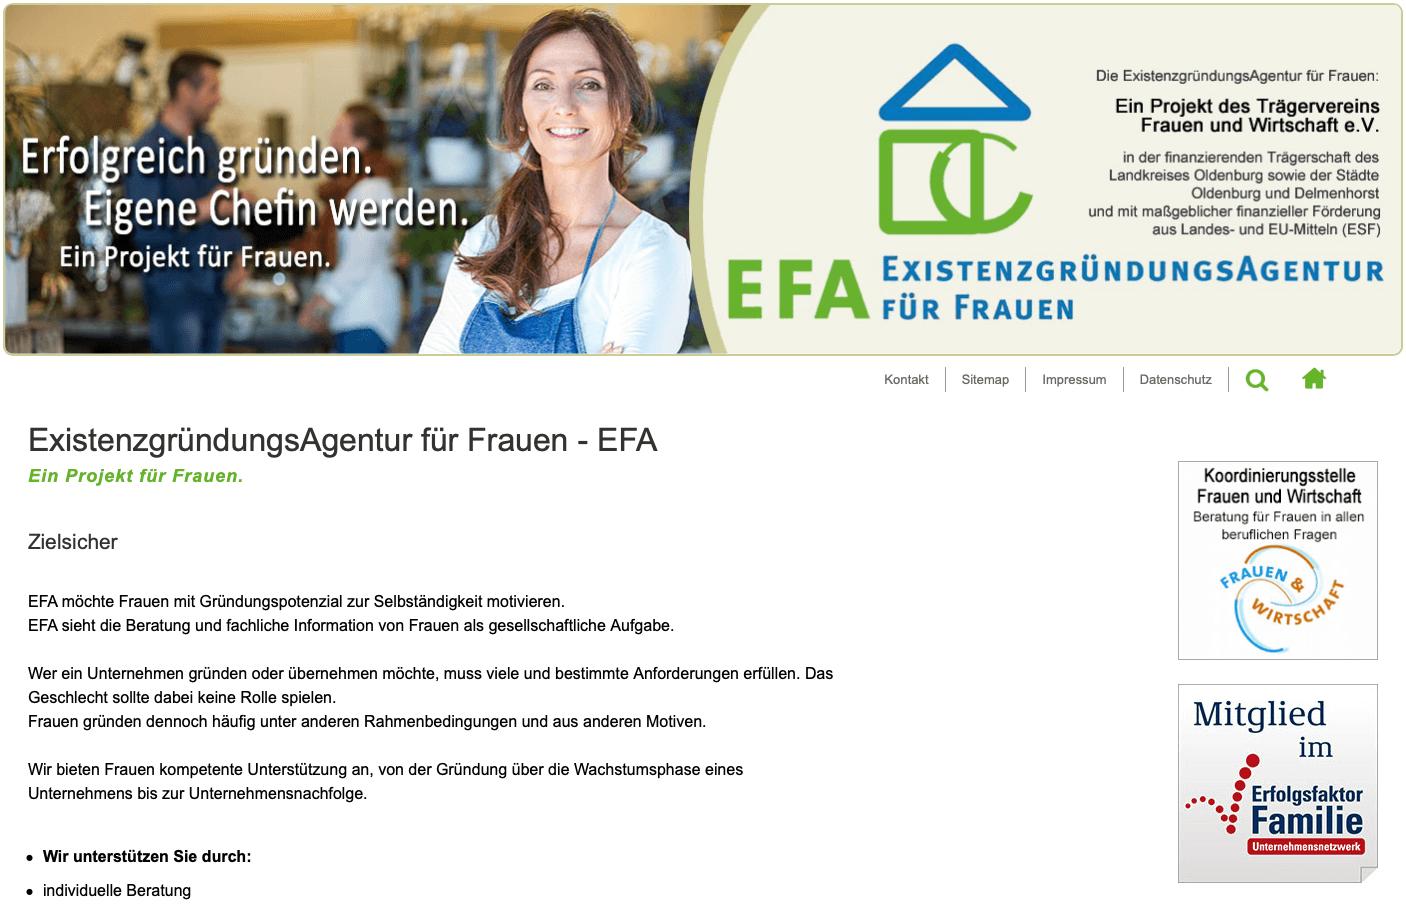 EFA Existenzgründungsagentur für Frauen